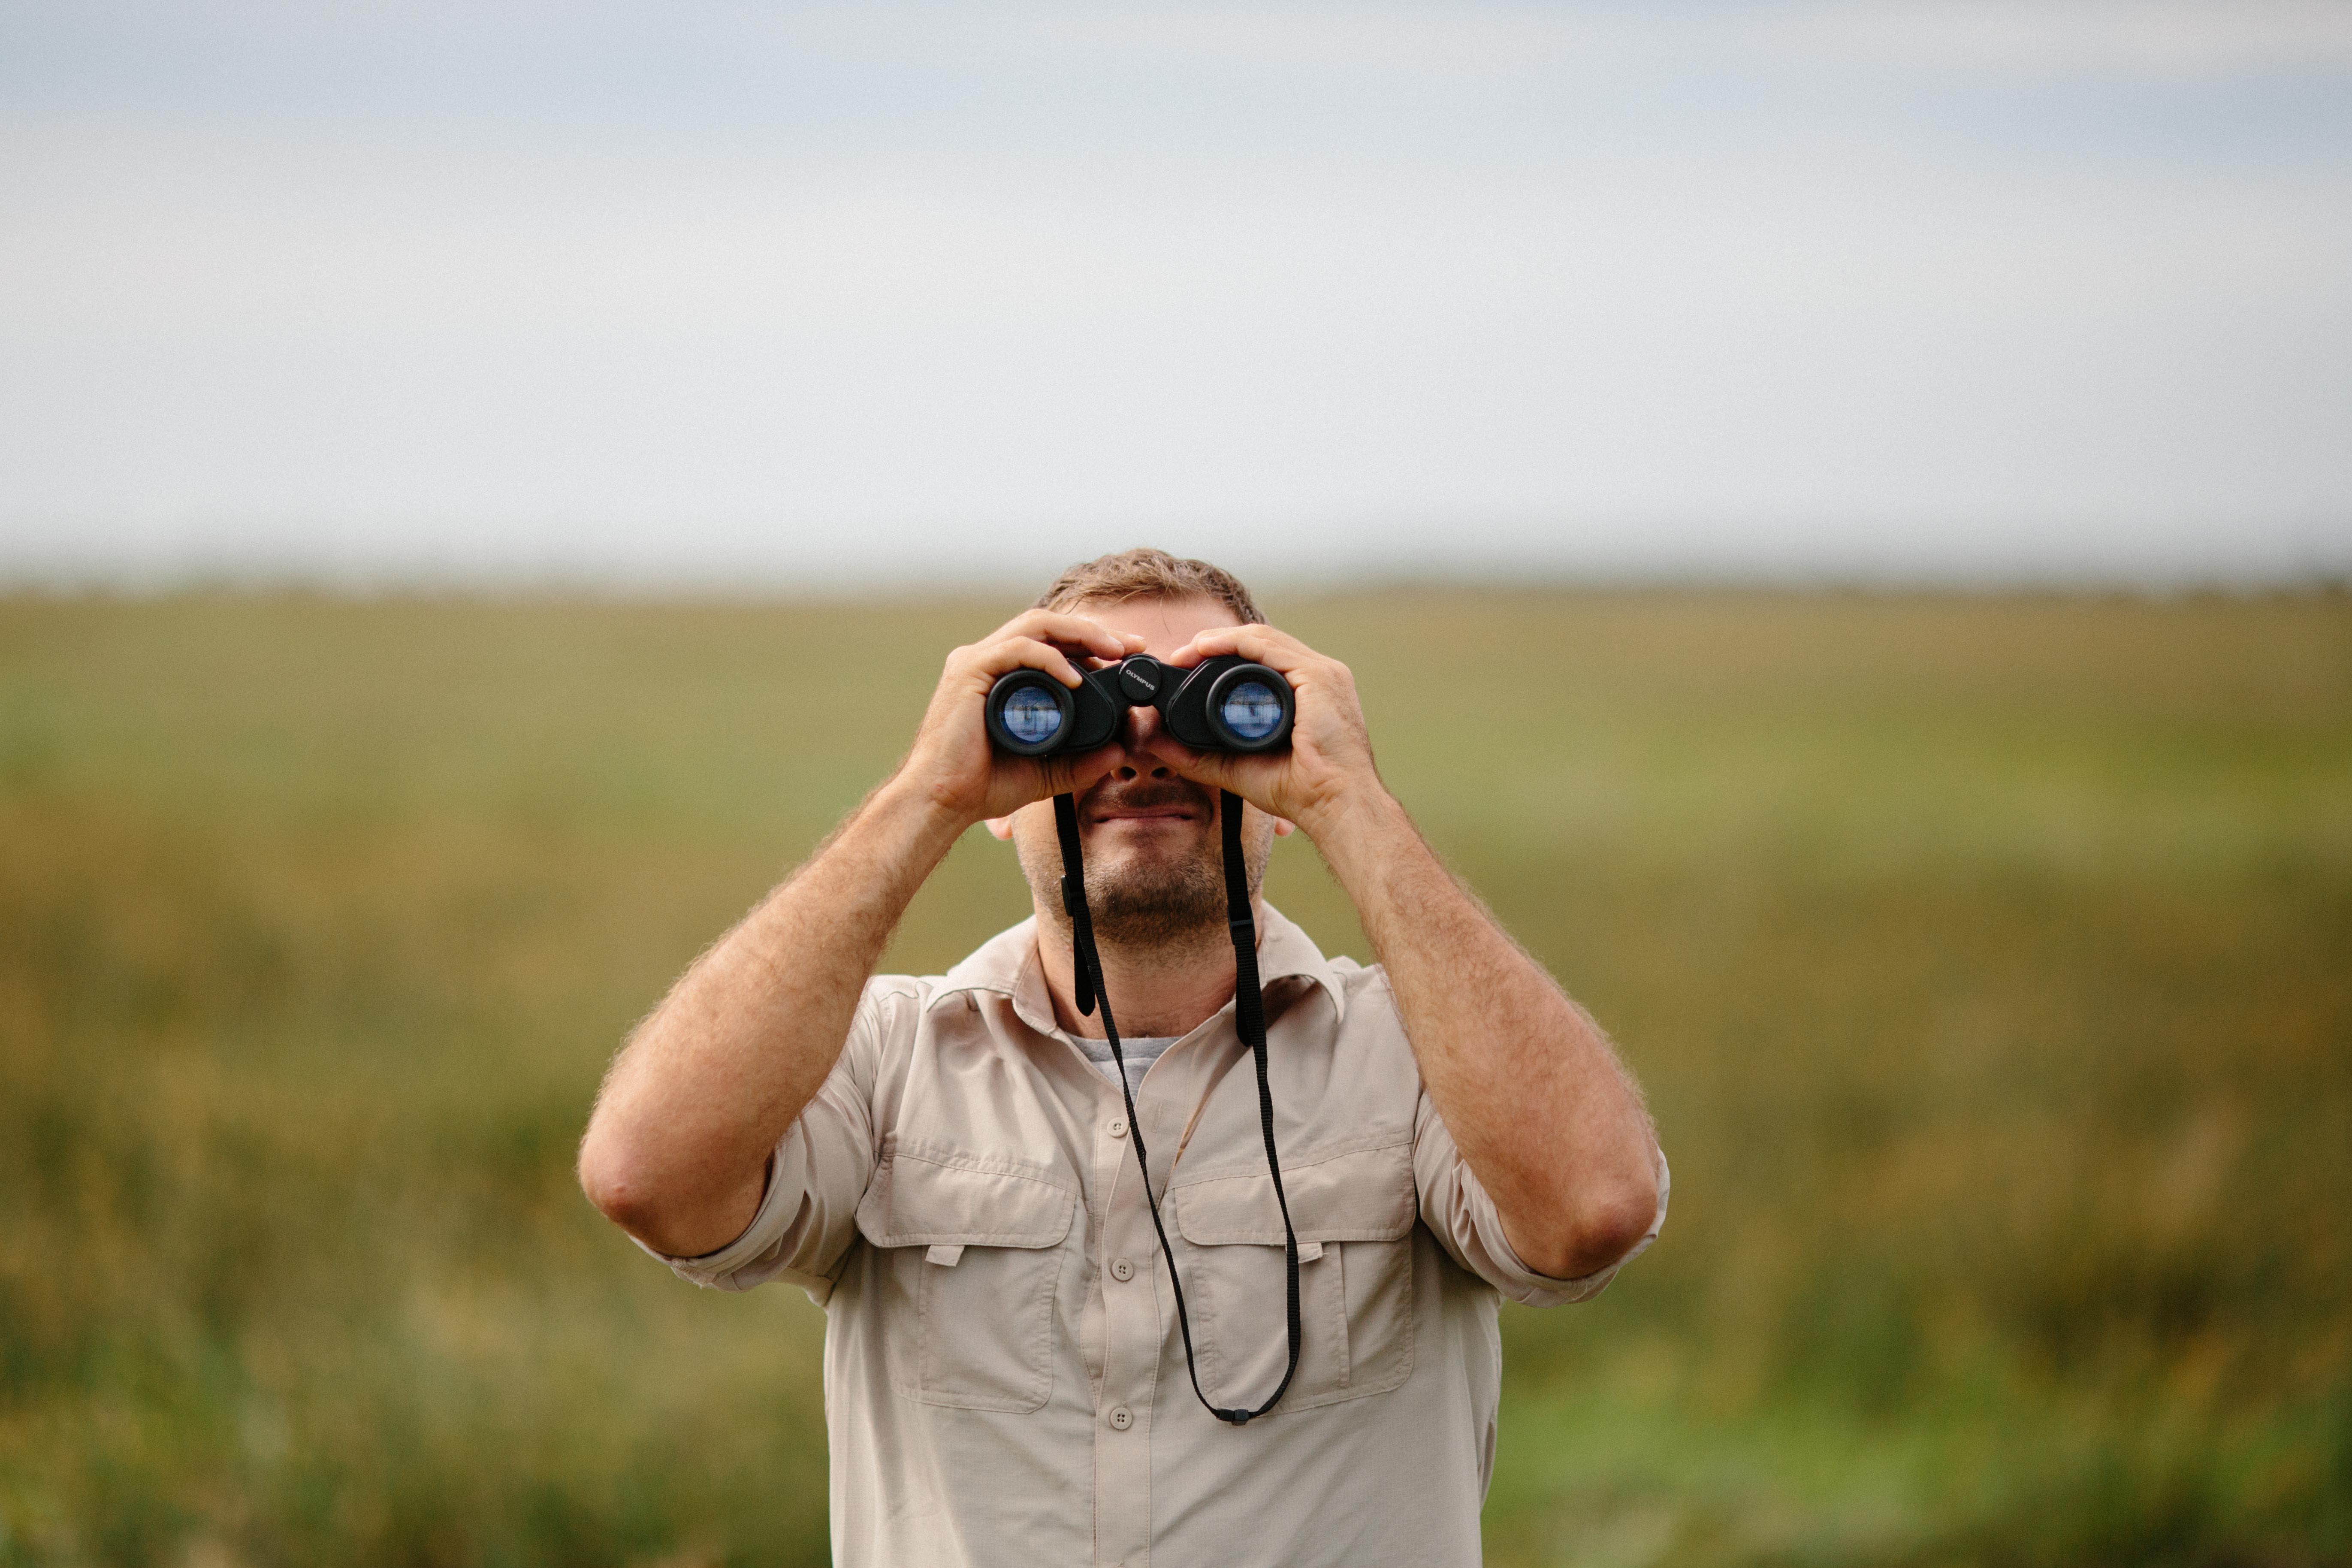 ブルキナファソの観光見どころ&治安情報!世界遺産や大自然も満喫!